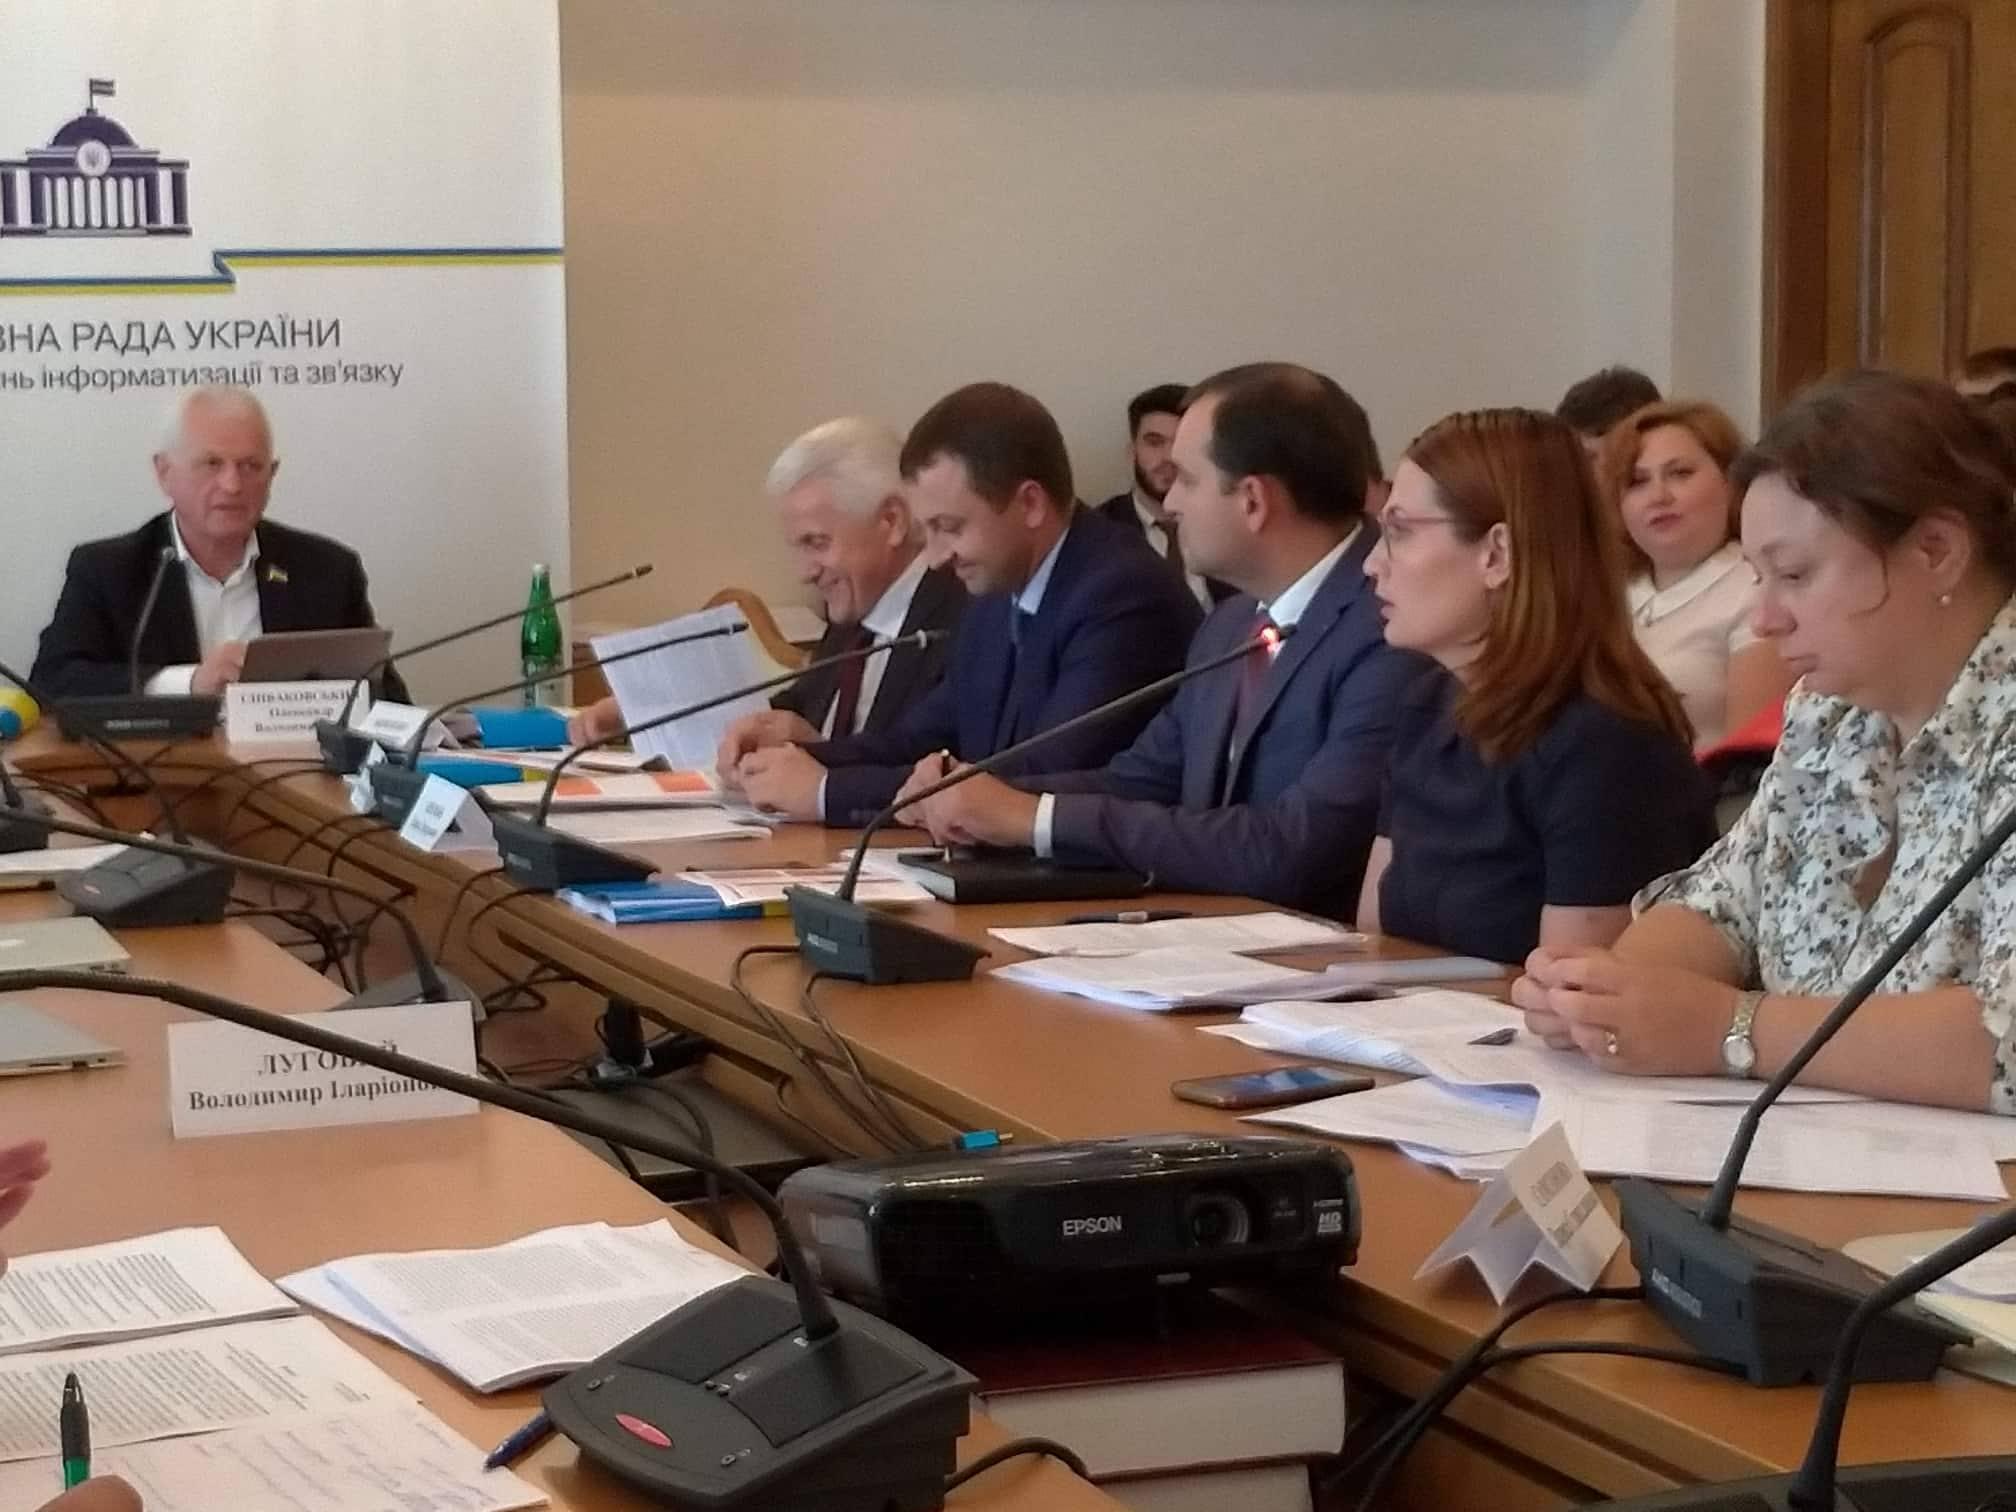 Комітет Верховної ради з питань освіти і науки підтримав законопроект 7538